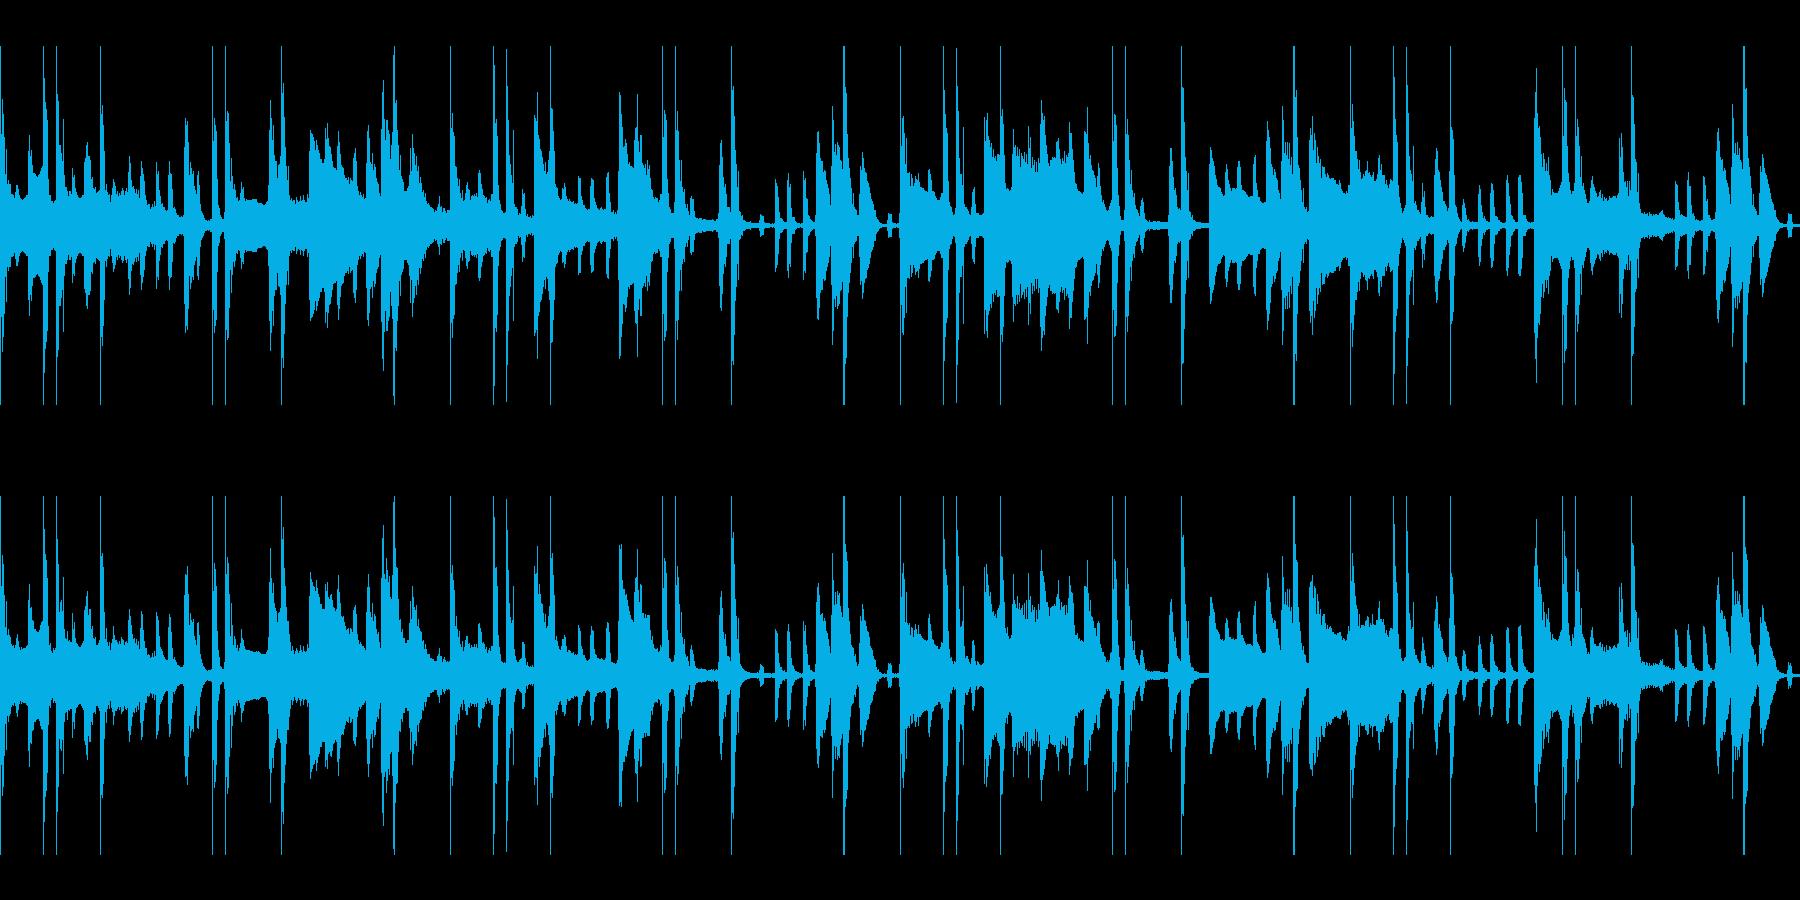 怪しくけだるい雰囲気のループ仕様 BGMの再生済みの波形